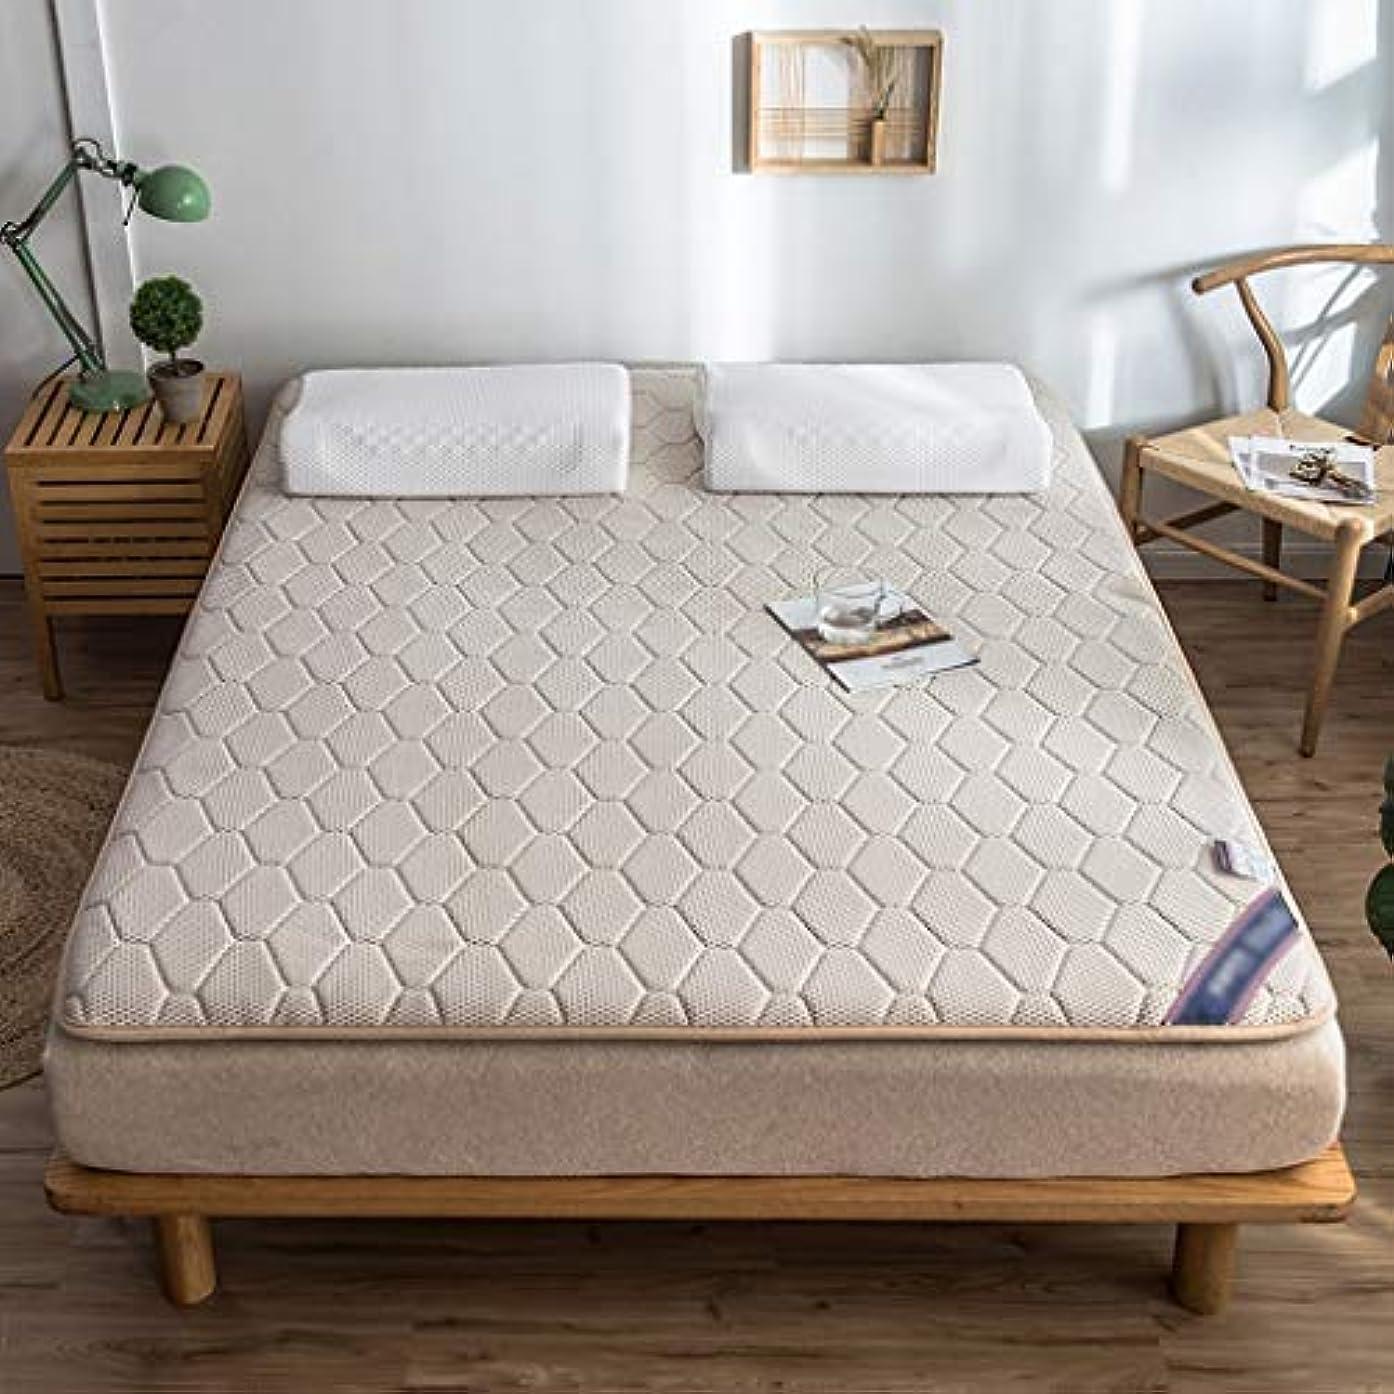 レコーダー受け入れた鮮やかなマットレストッパーパッド天然ラテックスパッド畳ベッドカバー保護パッドフロアマット家庭用クッション (色 : Khaki, サイズさいず : 90×200cm)